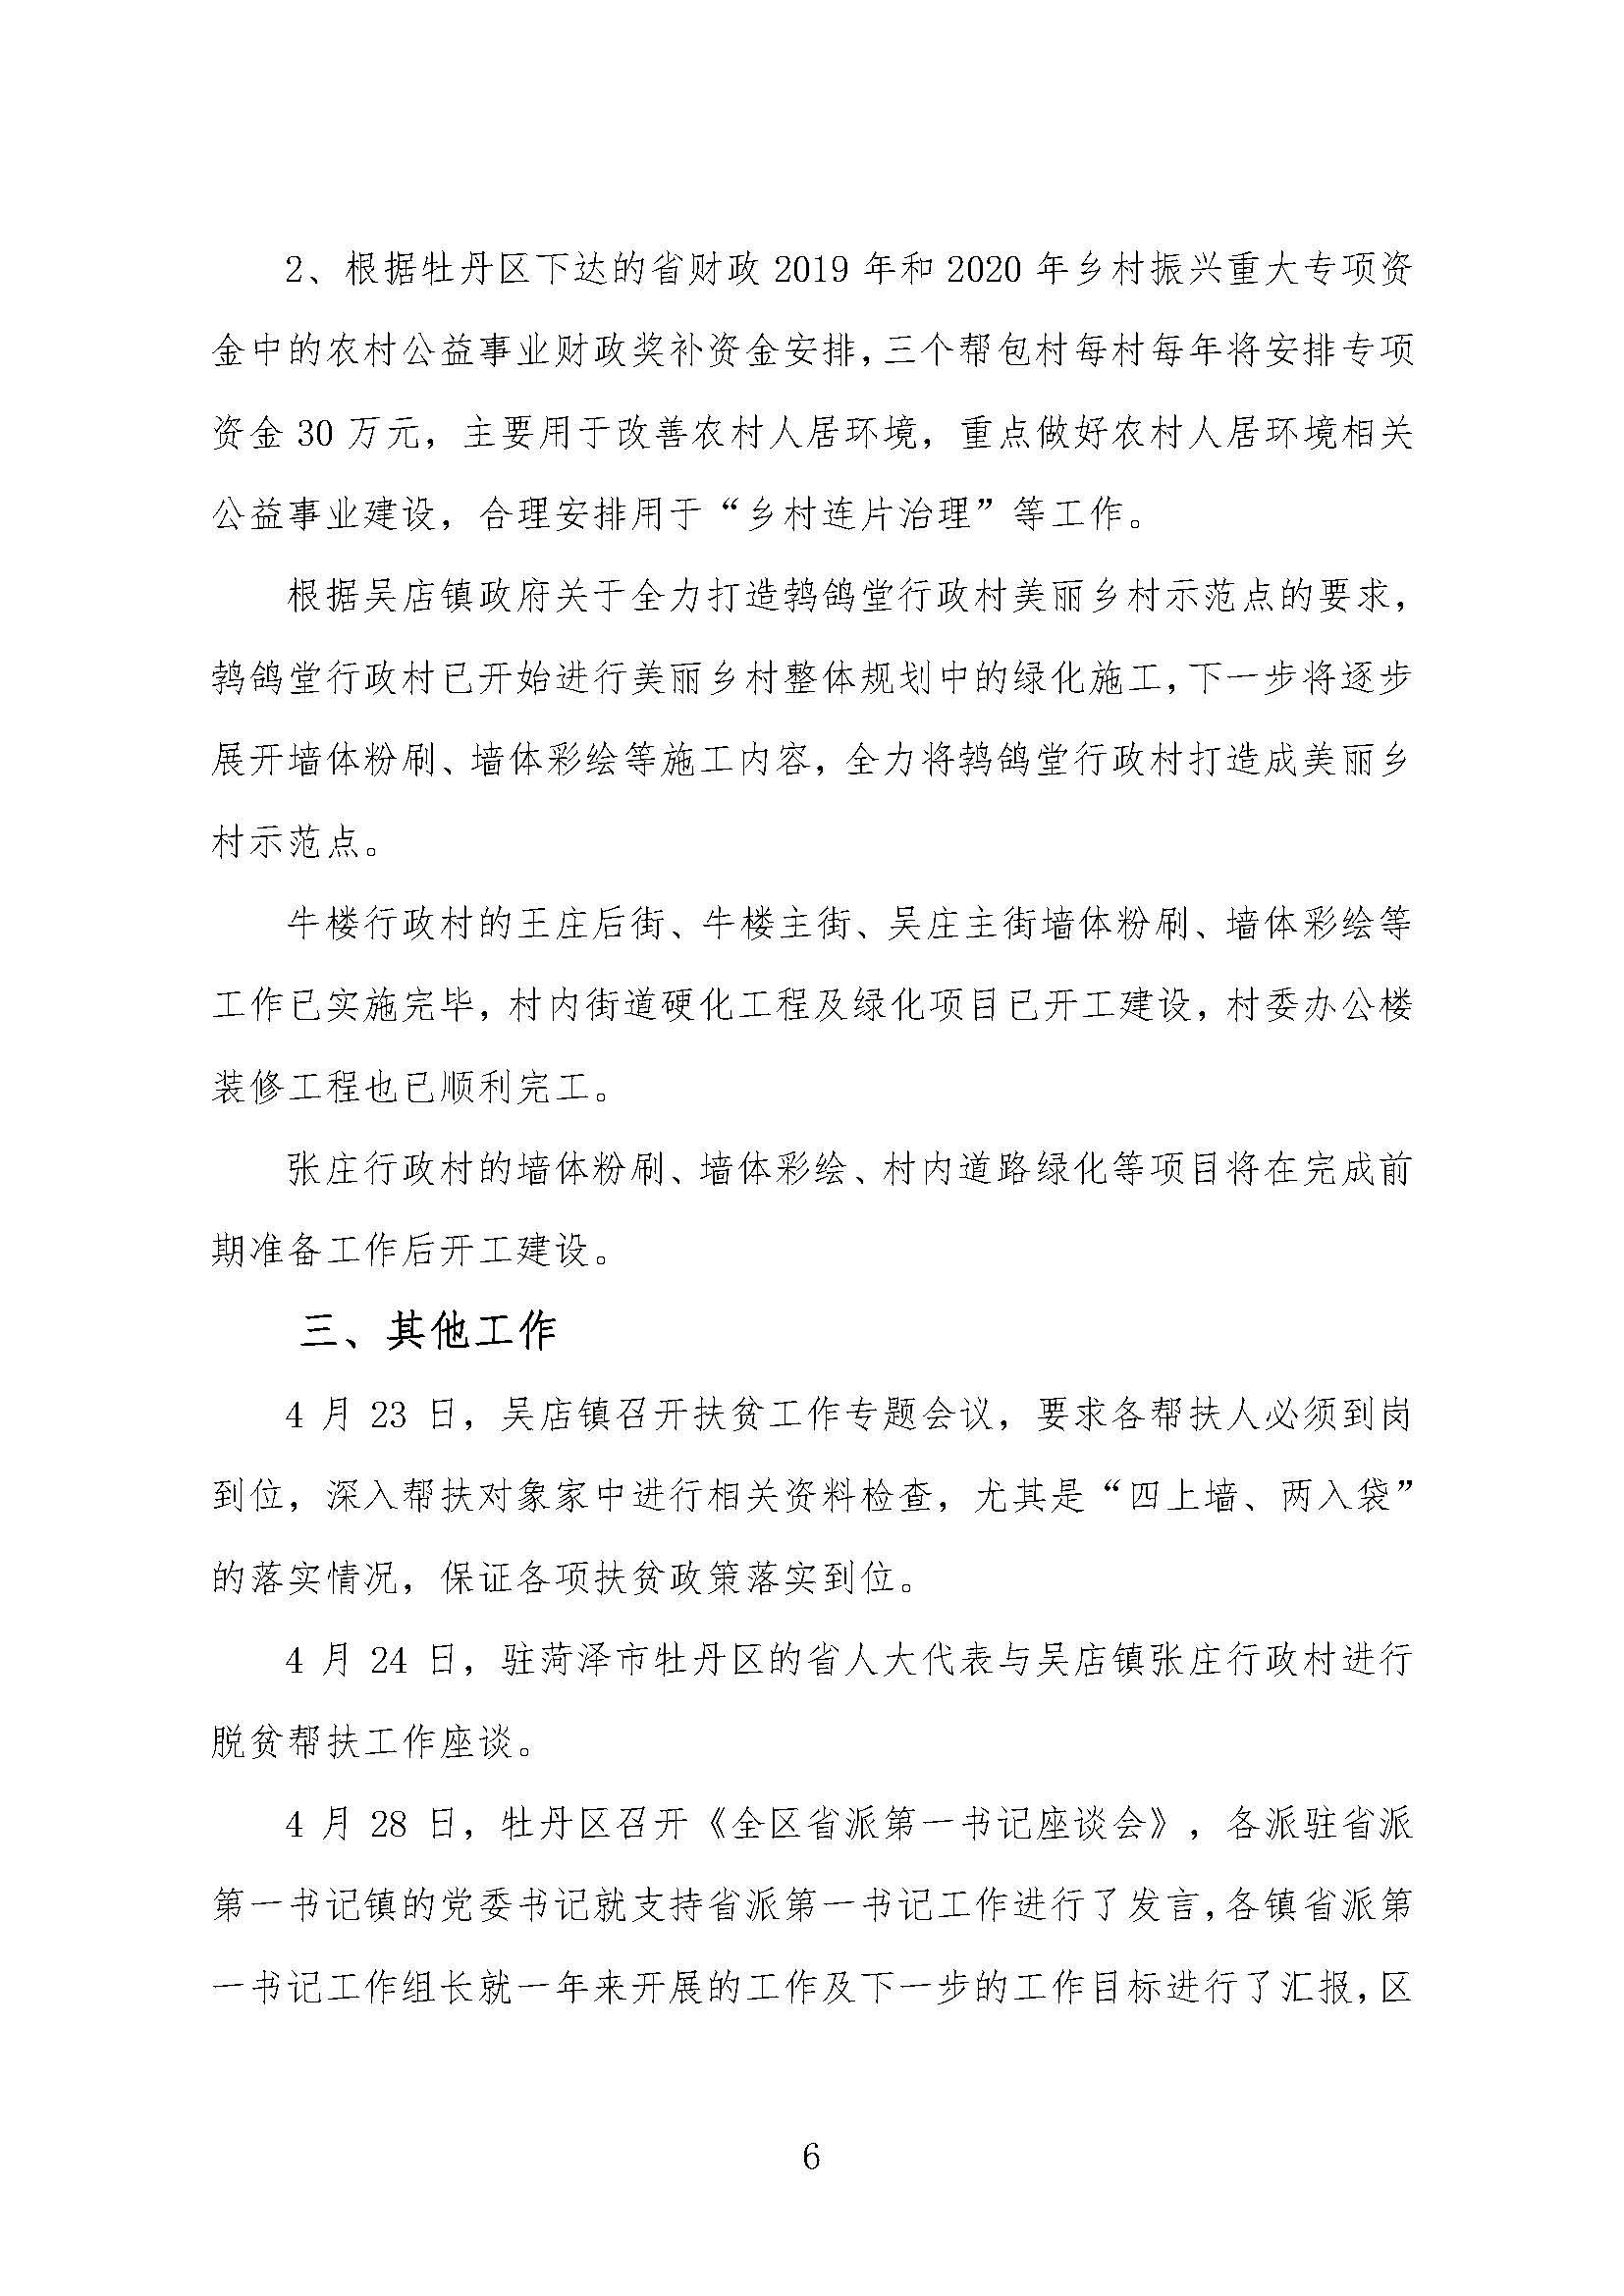 山东高速集团省派第一书记工作简讯-第12期_页面_6